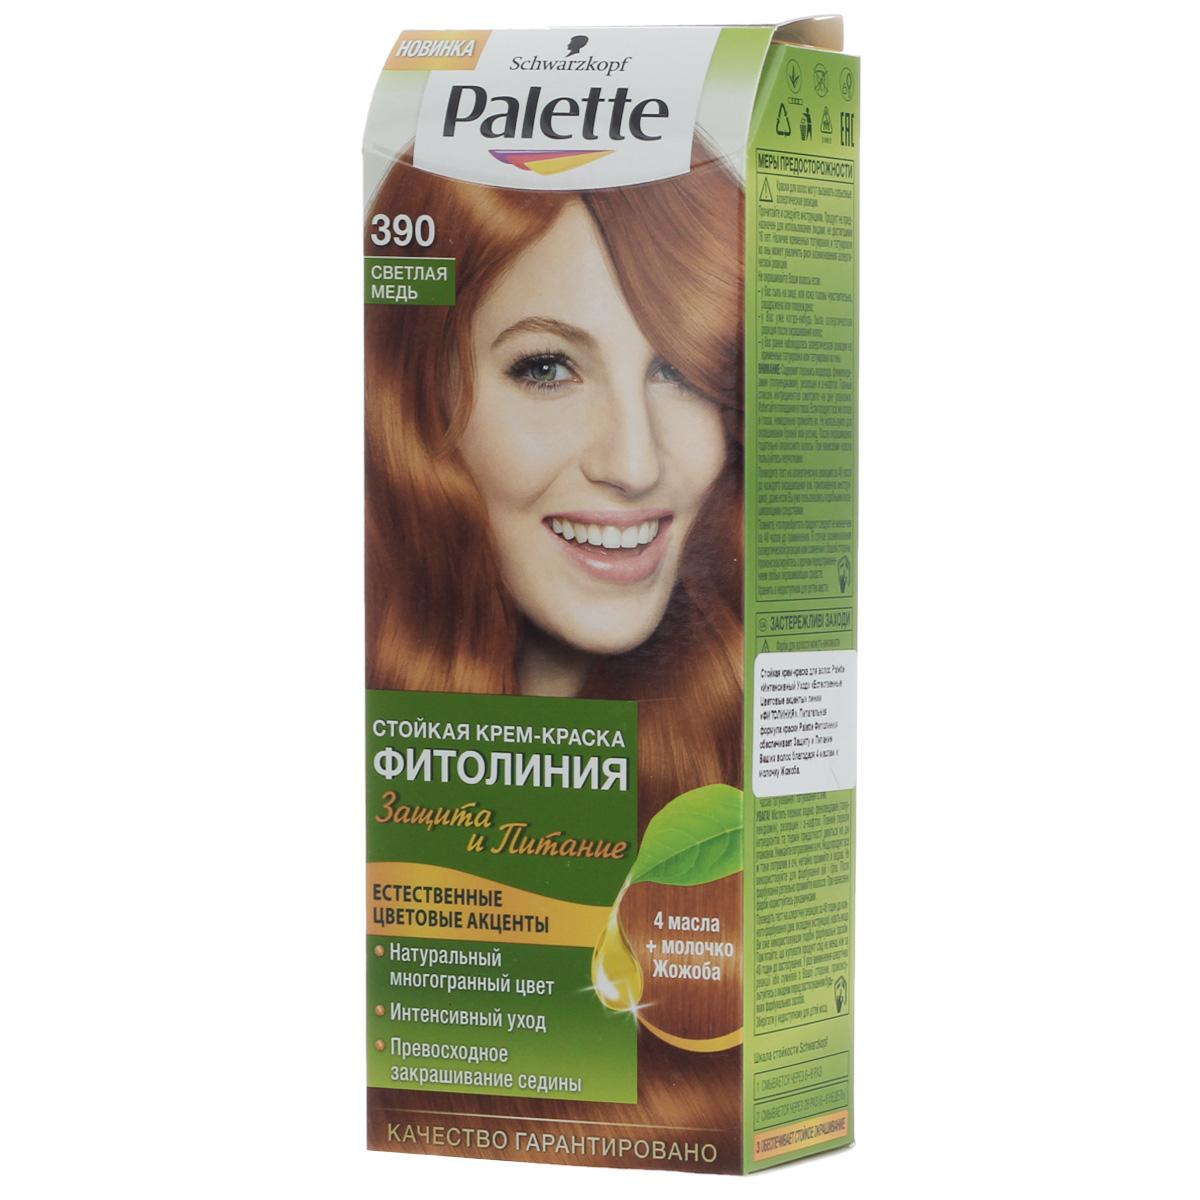 PALETTE Краска для волос ФИТОЛИНИЯ оттенок 390 Светлая медь, 110 мл9352530Откройте для себя стойкую крем-краску для волос Palette Фитолиния, обогащенную Маслом Арганы. Роскошный натуральный многогранный оттенок специально для Ваших волос.